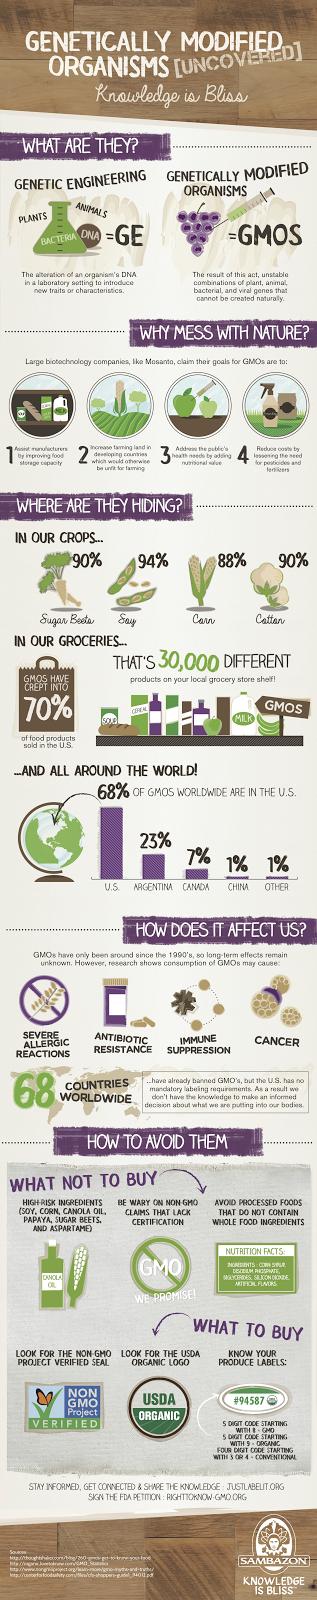 Sambazon's GMO infographic